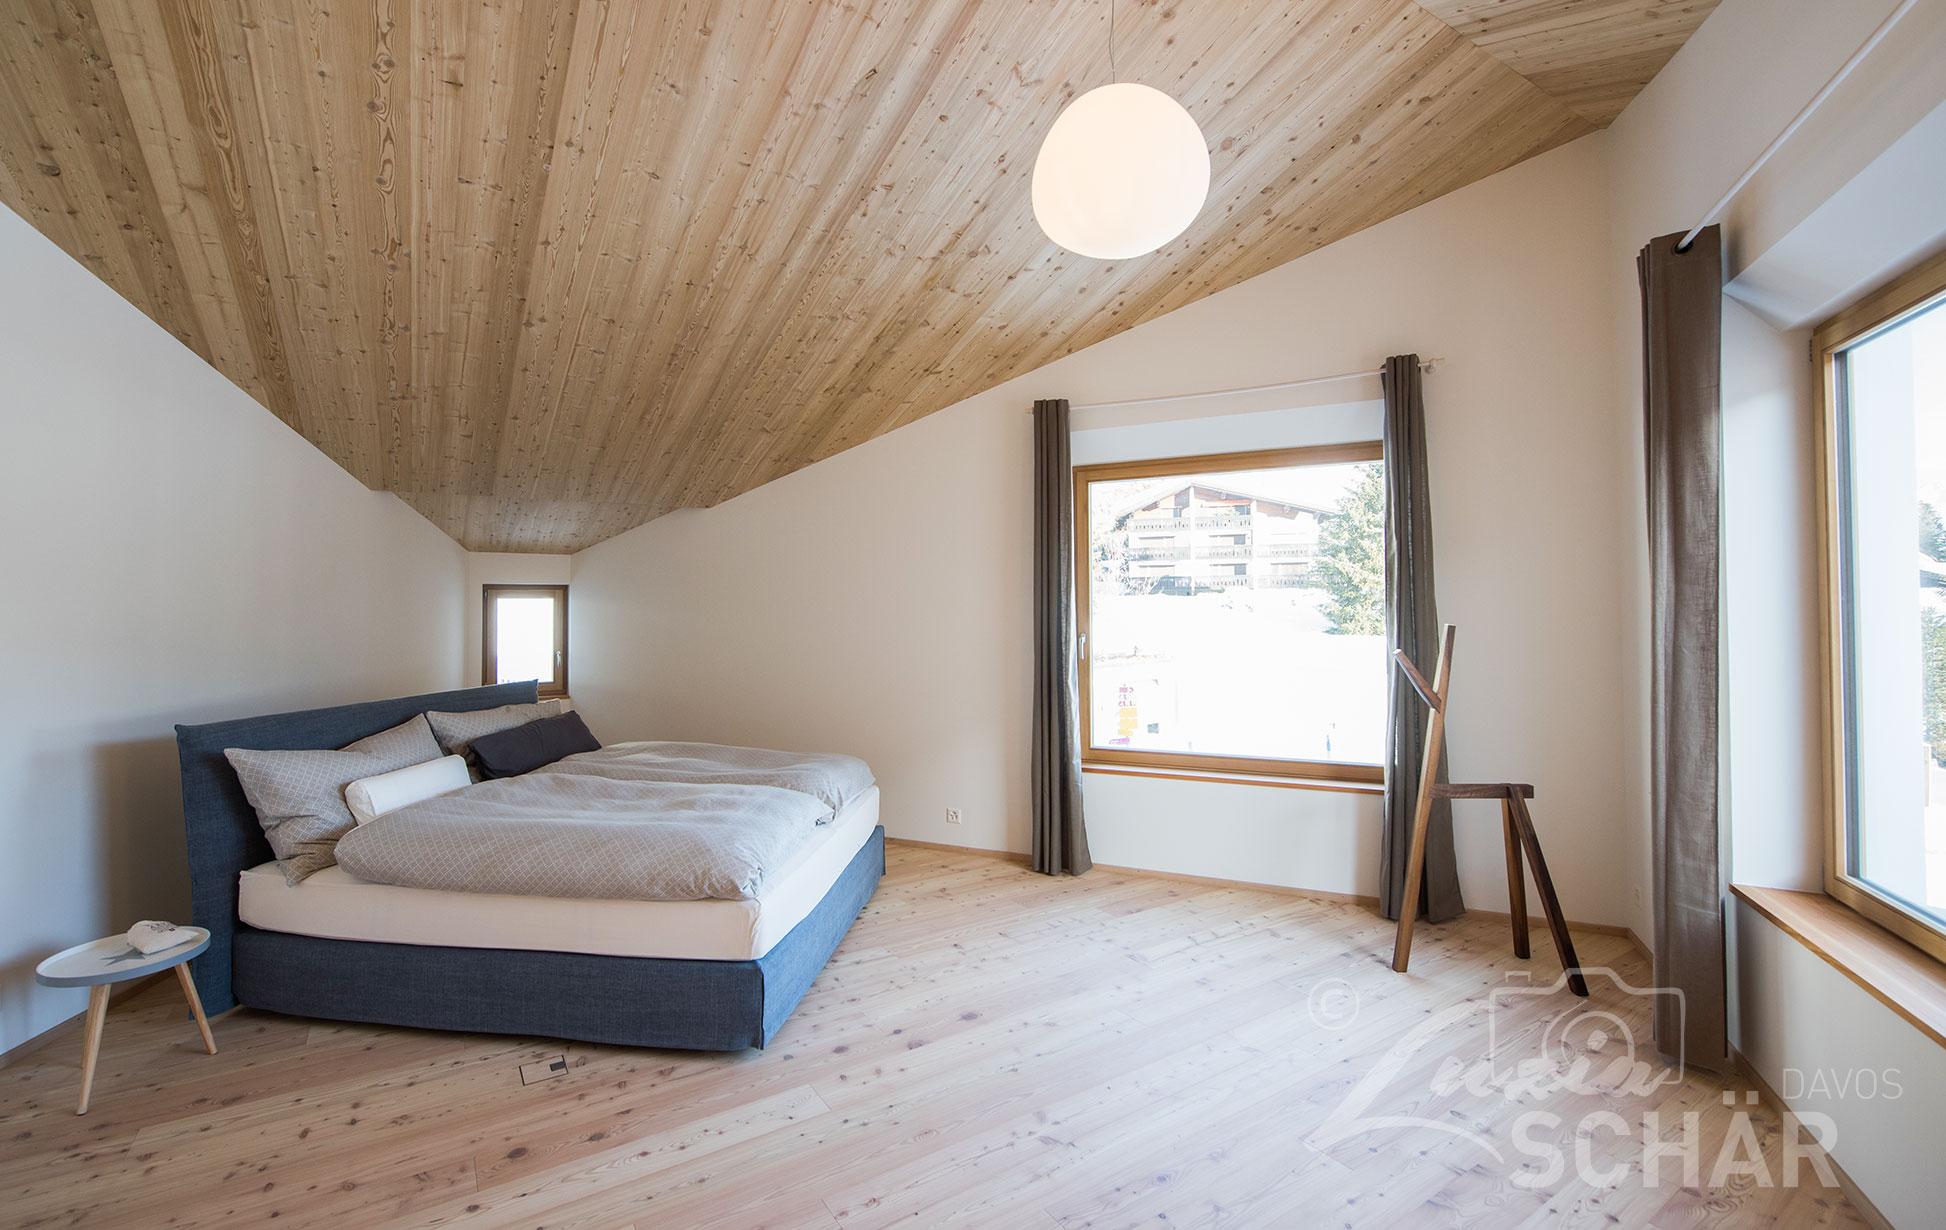 Luzia Schaer - Architektur Fotos - Davos